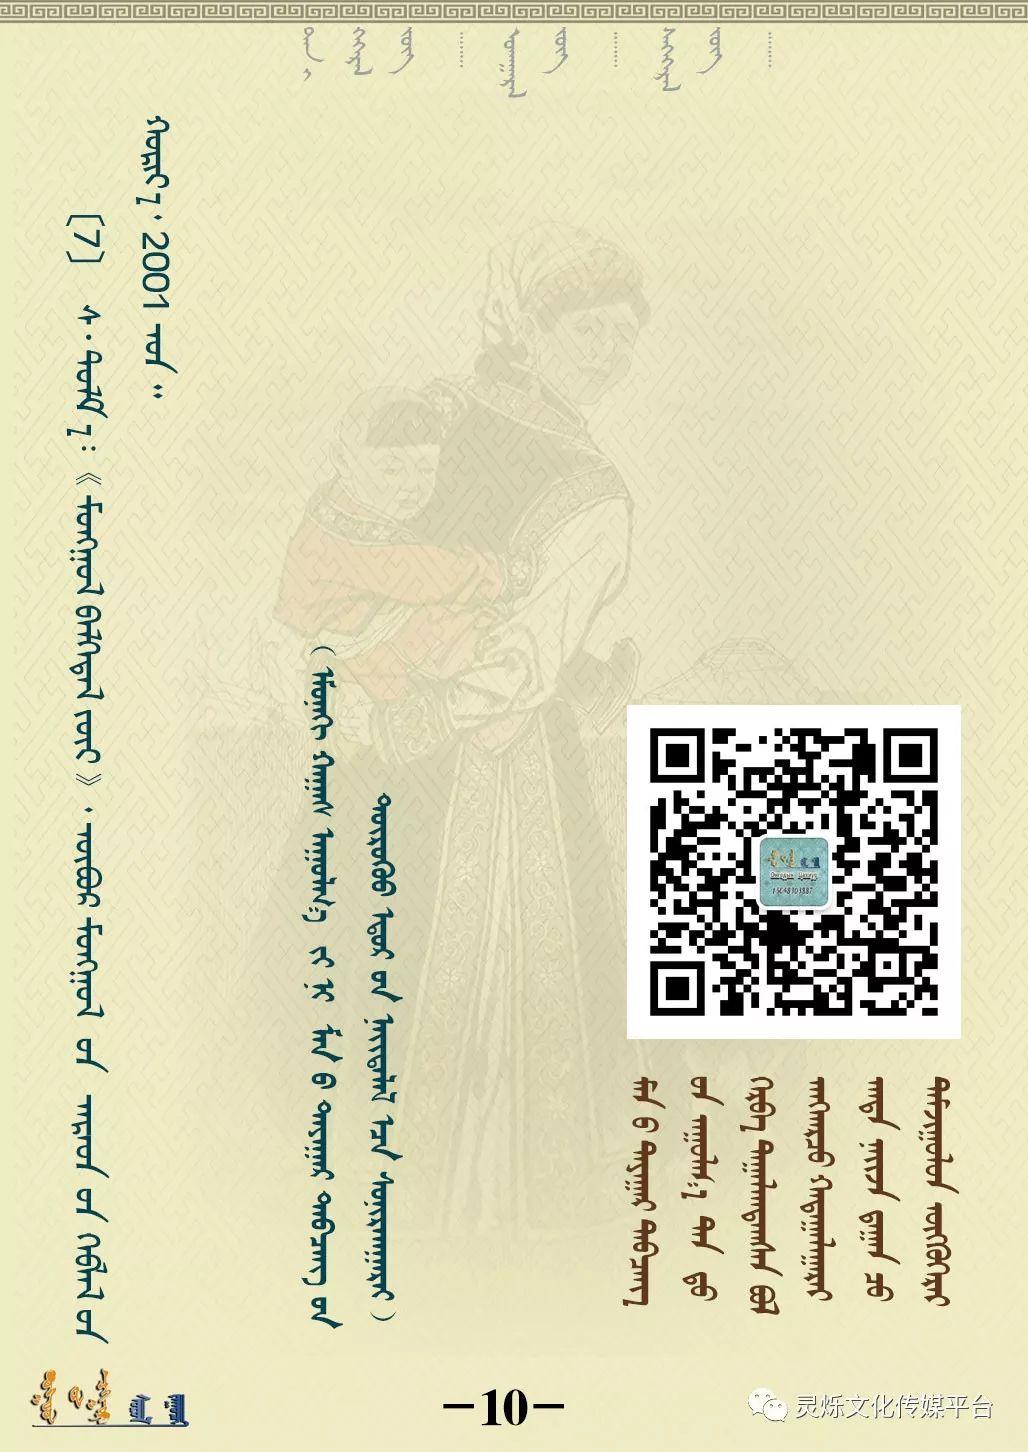 【蒙古民俗】 ᠮᠣᠩᠭᠣᠯ ᠤᠬᠠᠭᠠᠨ ᠬᠢᠭᠡᠳ ᠭᠡᠷᠤᠨ ᠰᠤᠷᠭᠠᠯ ᠬᠥᠮᠥᠵᠢᠯ 2 第10张